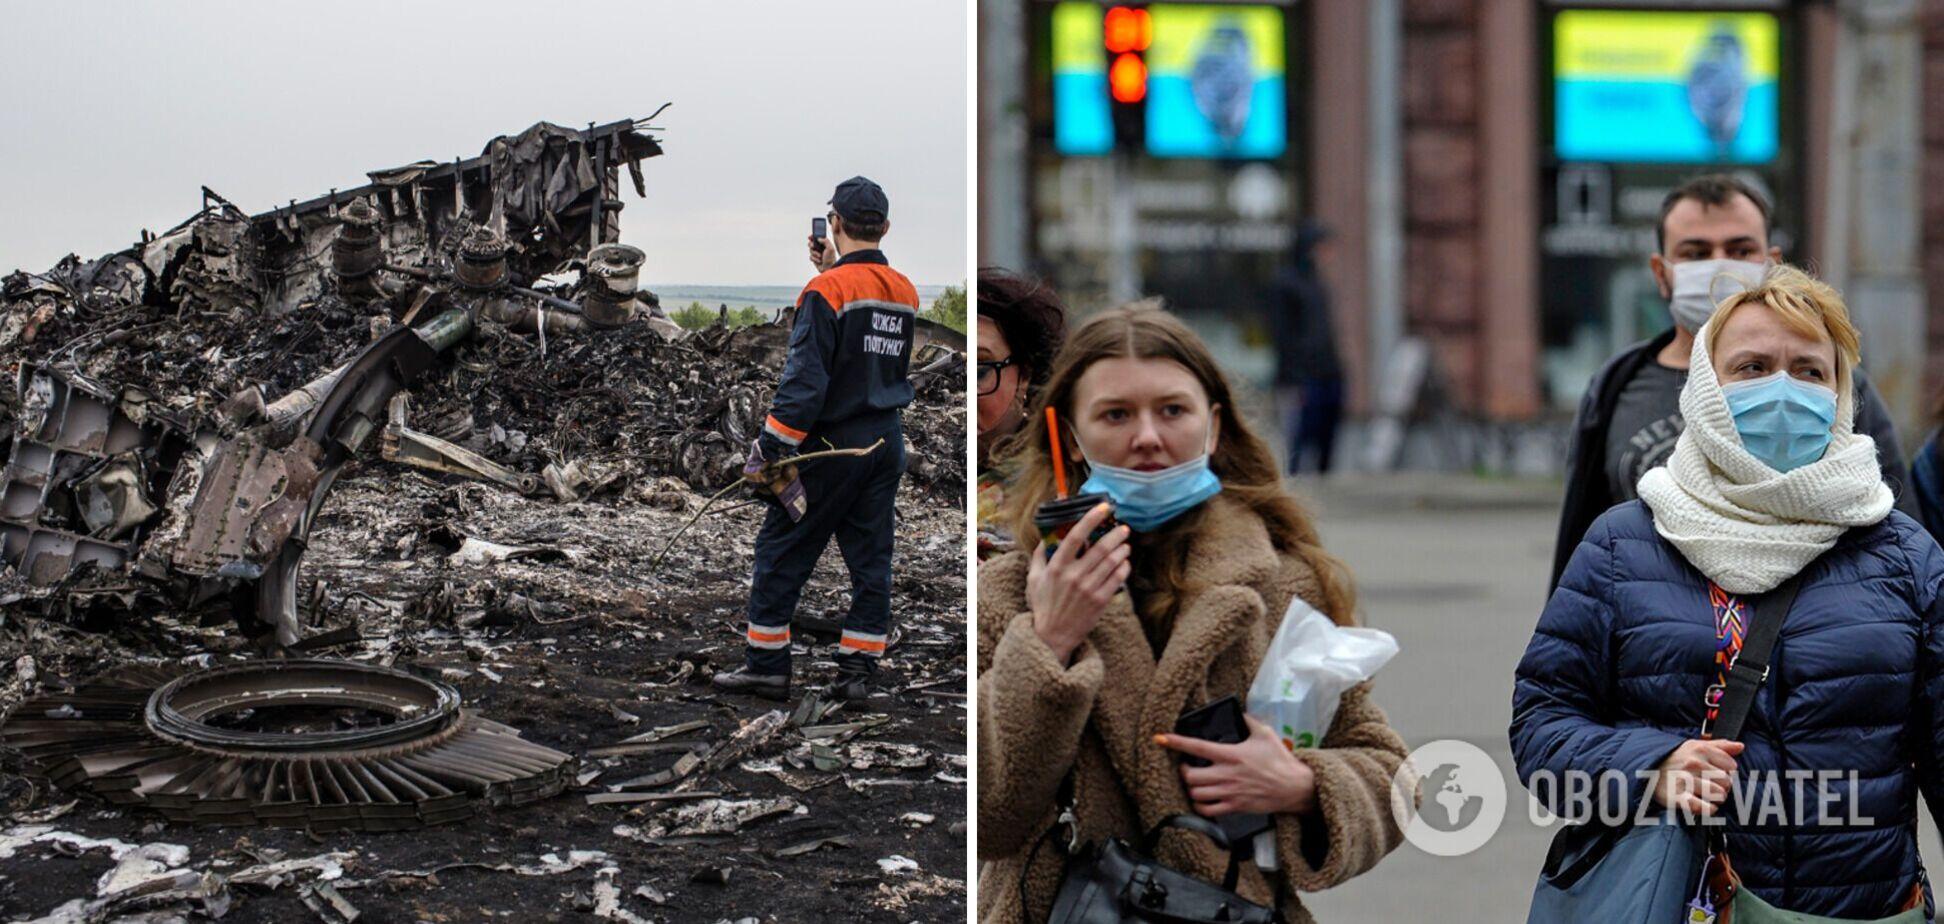 Новости Украины: обнародован перехват по сбитому МН17, а 'красной' стала еще одна область